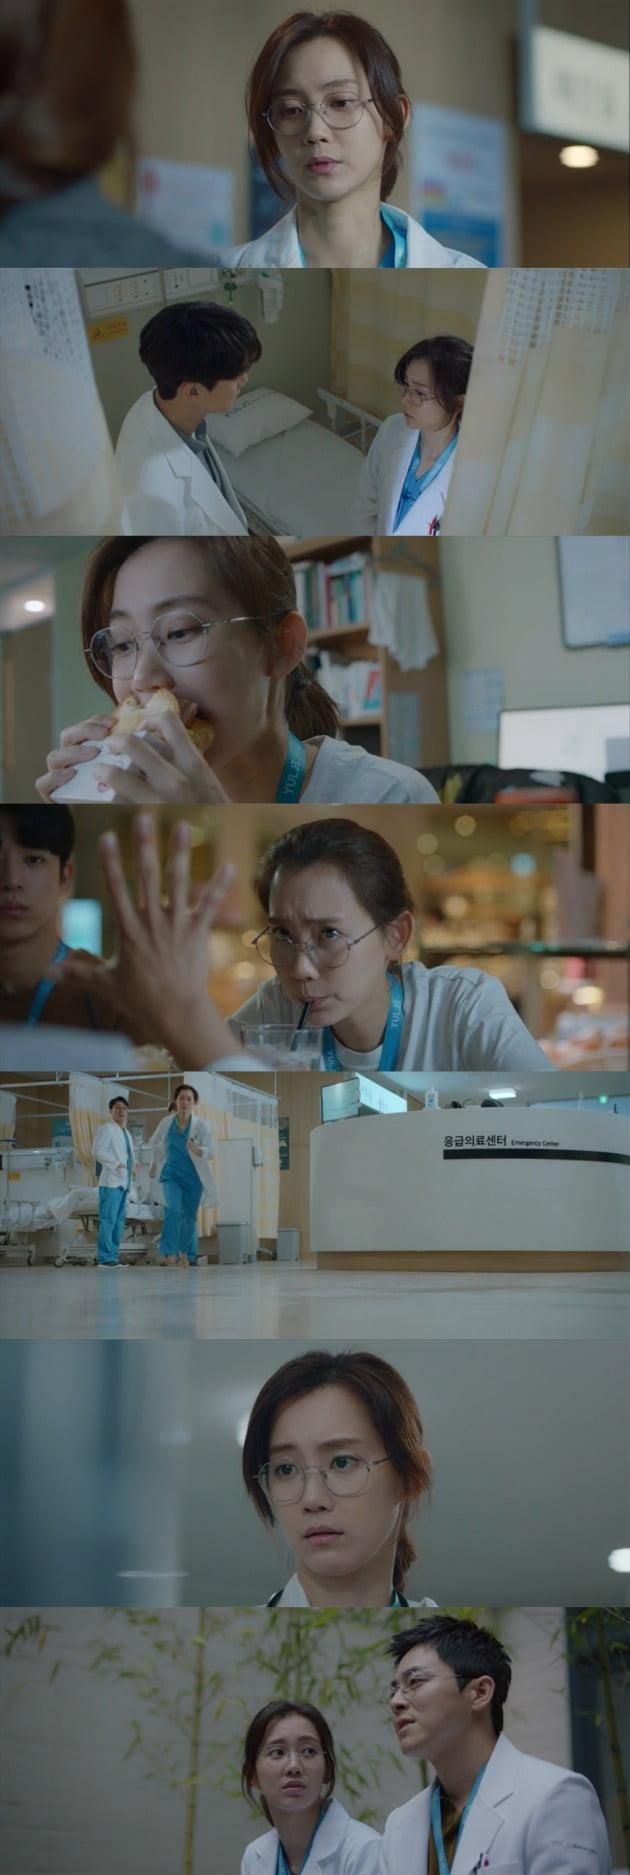 배우 신현빈이 '슬기로운 의사생활'에서 다채로운 매력을 선보이고 있다. / 사진=tvN 방송 캡처